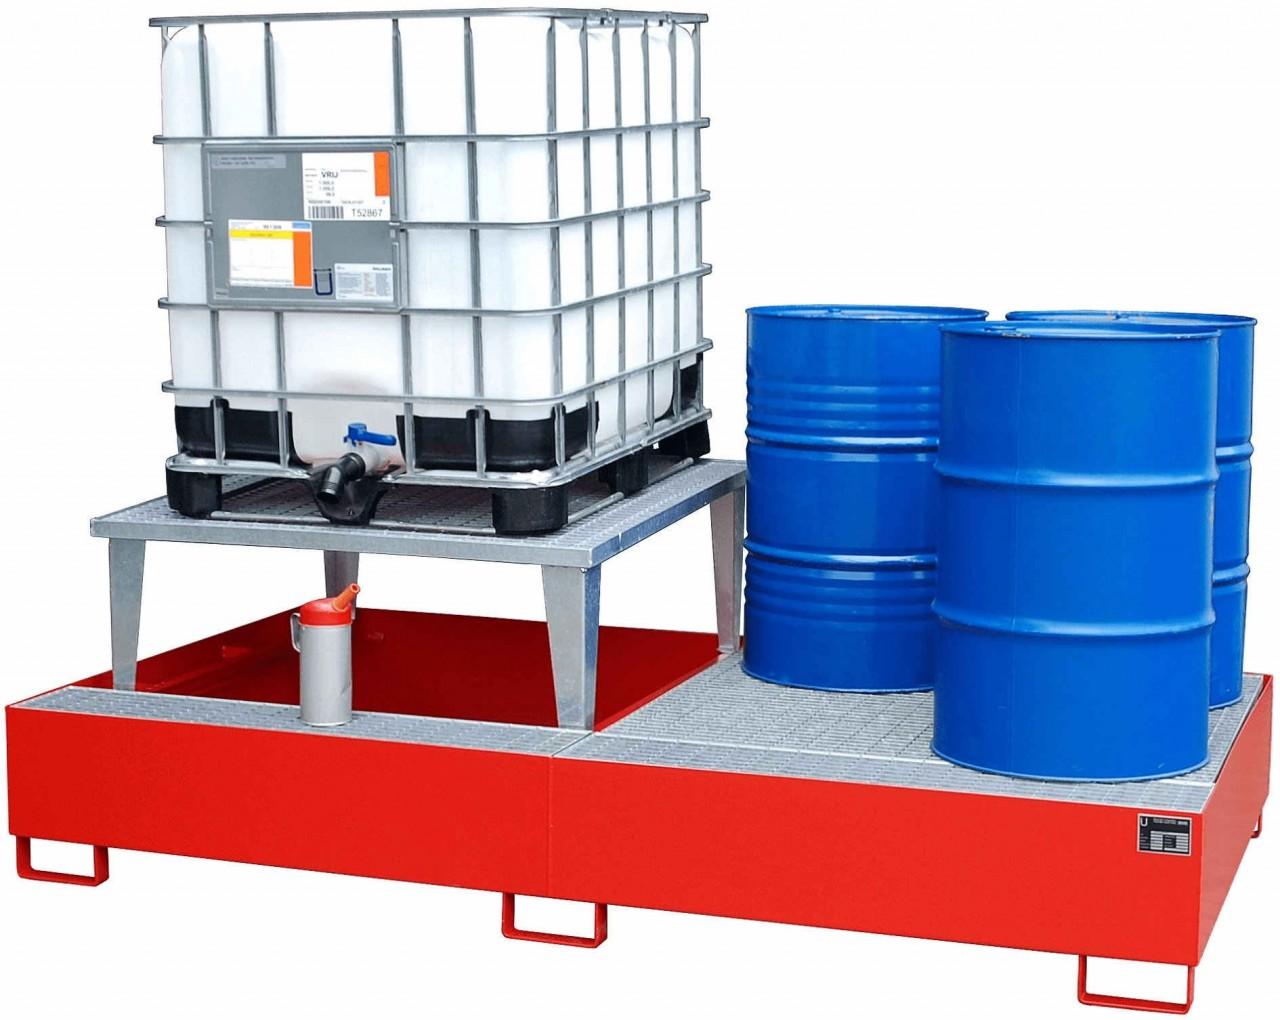 Auffangwanne mit bis zu 2 Abfüllaufsätzen für Fässer a 200l und IBC/KTC Container, Typ AWA 1000-2